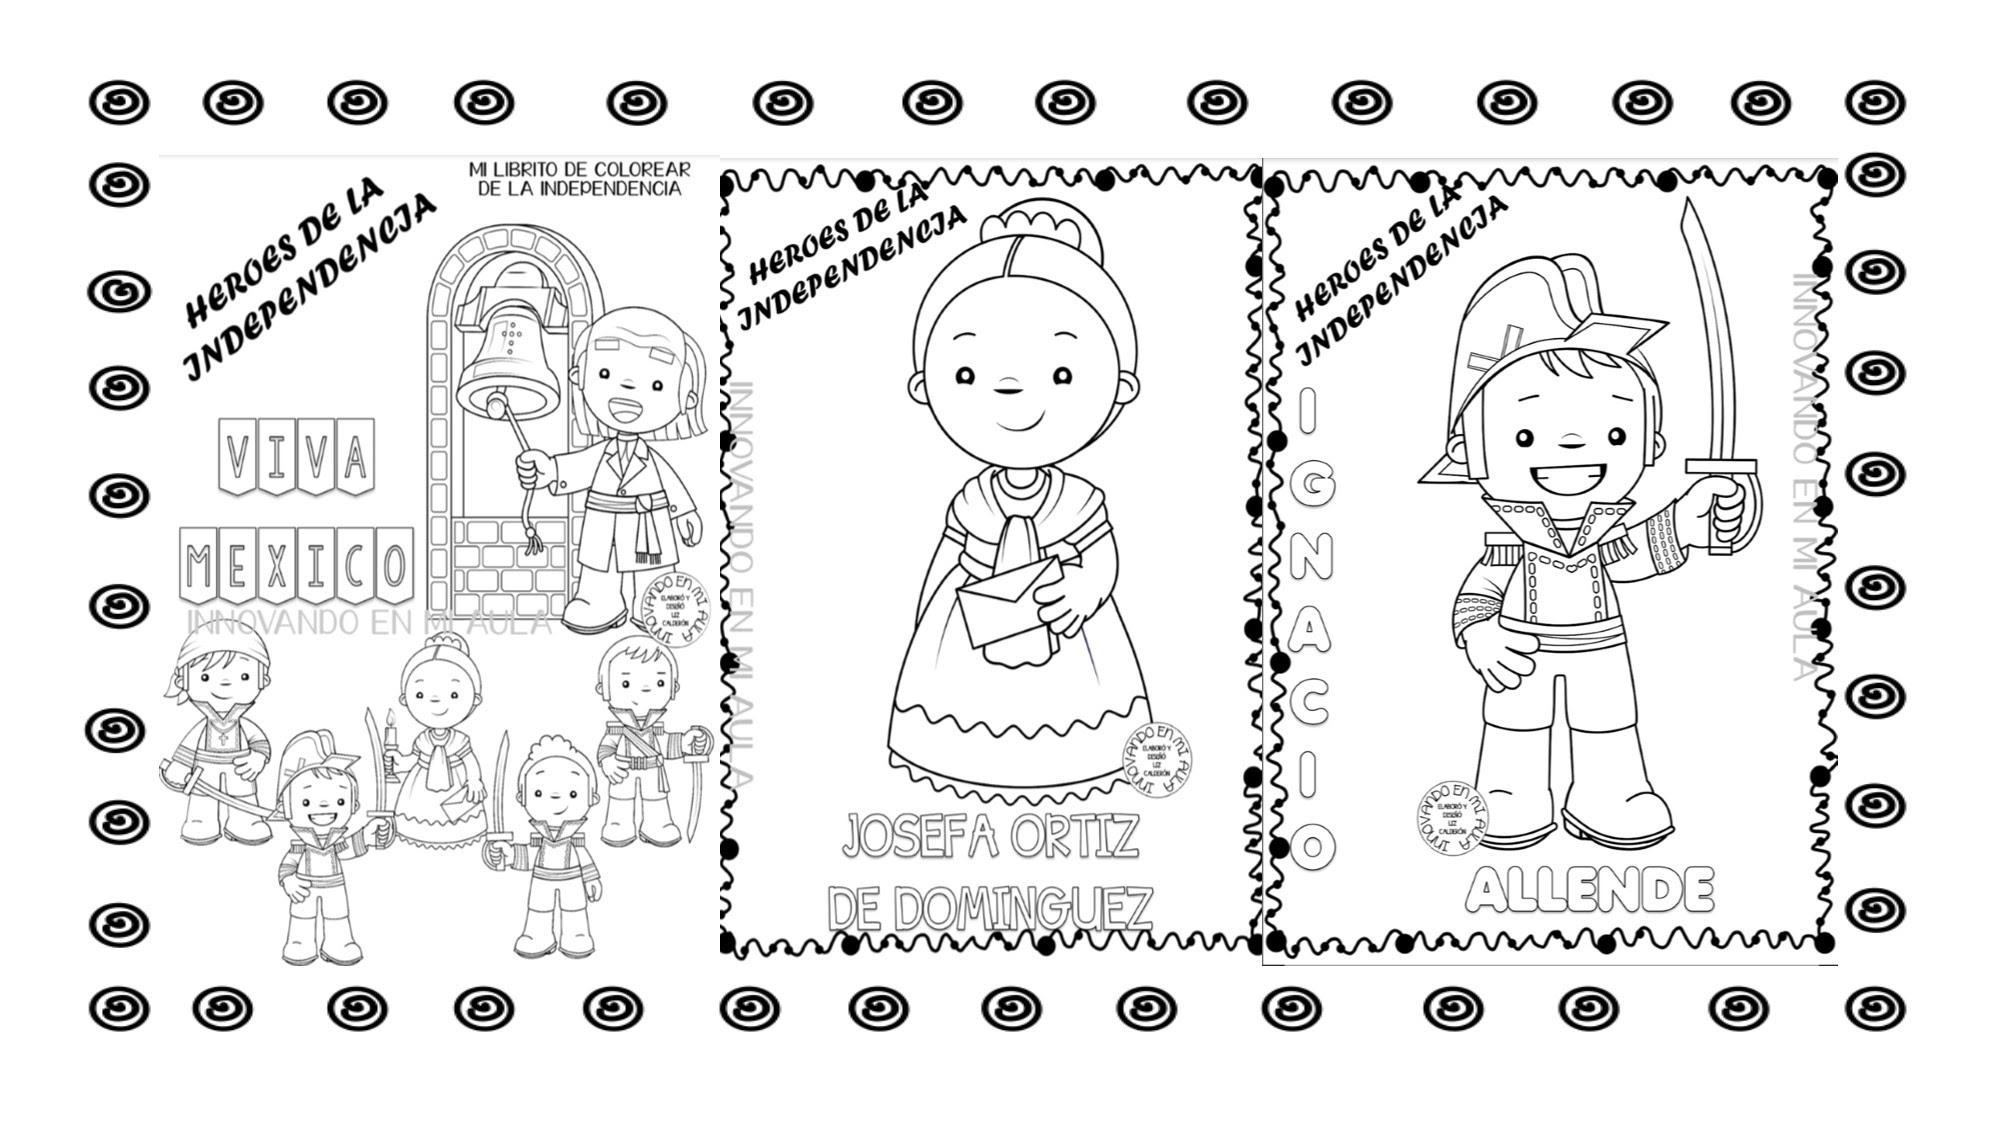 Dibujos Para Colorear Personajes De La Independencia De Viewinviteco